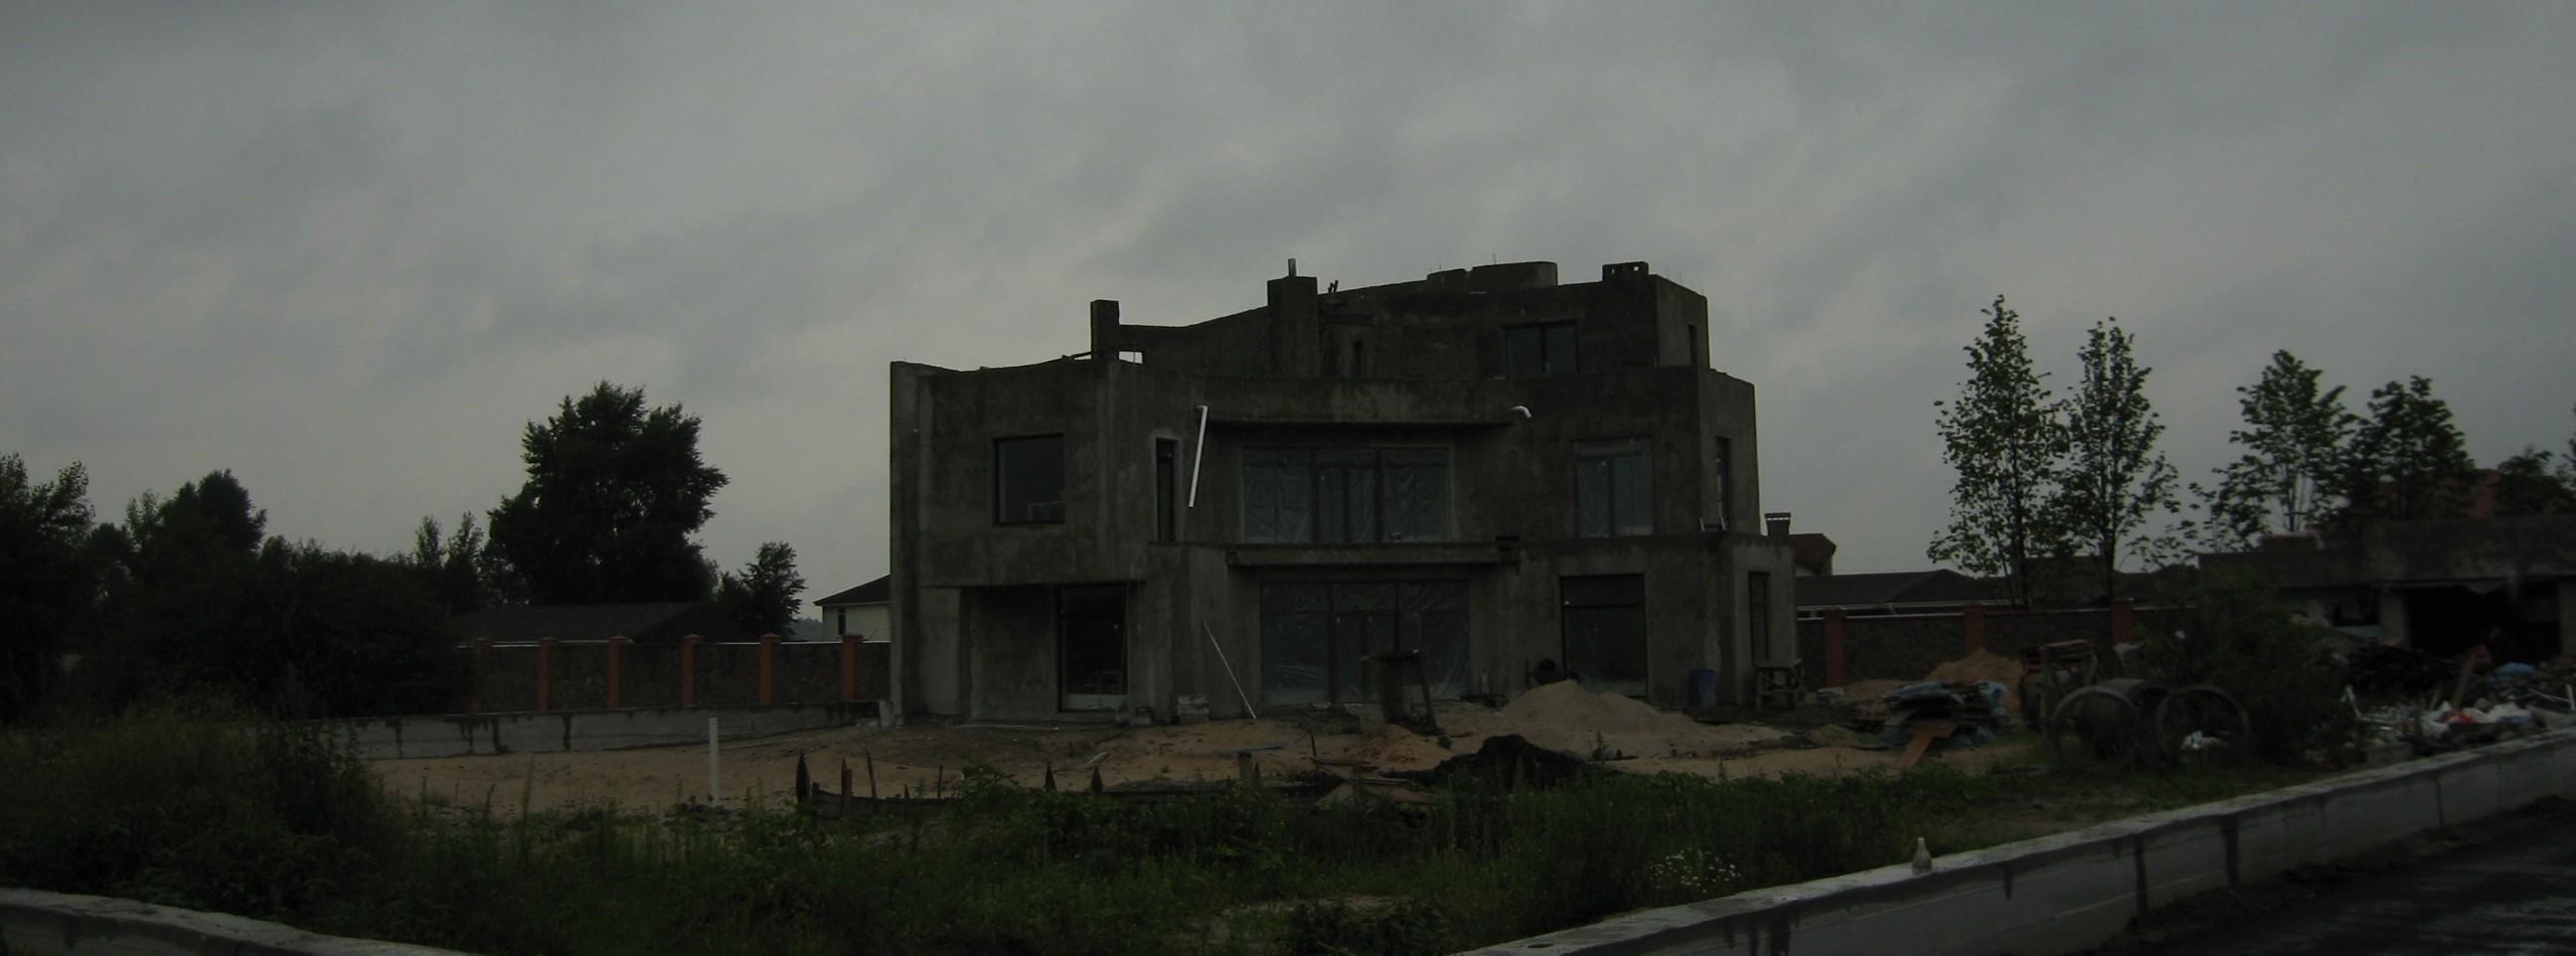 Проект дома с плоской кровлей, панорамными окнами и террасами - проект Эбро, Строительство и надзор